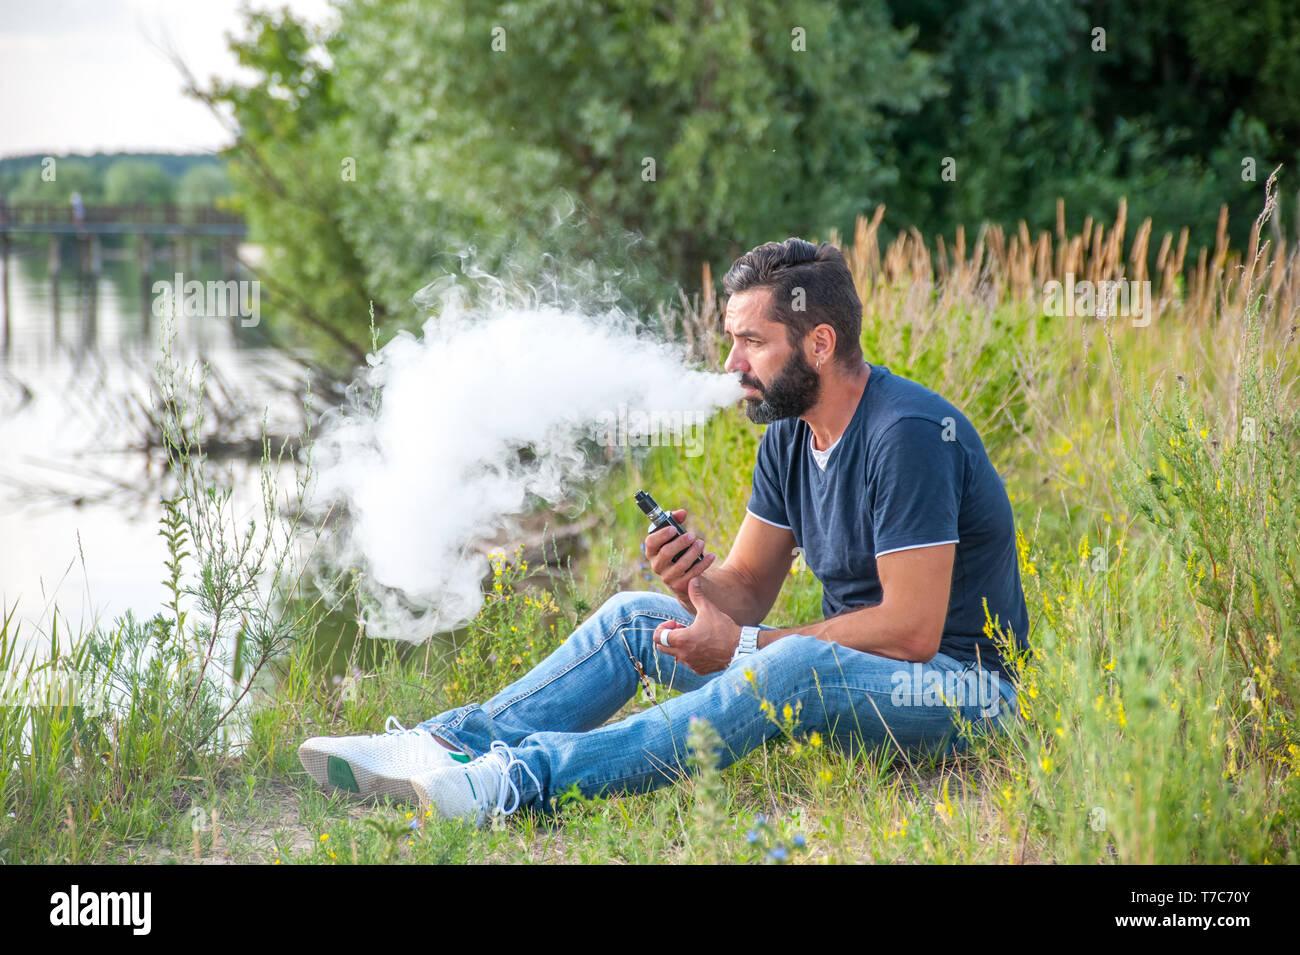 Confident man in the fresh air smoking an electronic cigarette. Electronic cigarette. - Stock Image